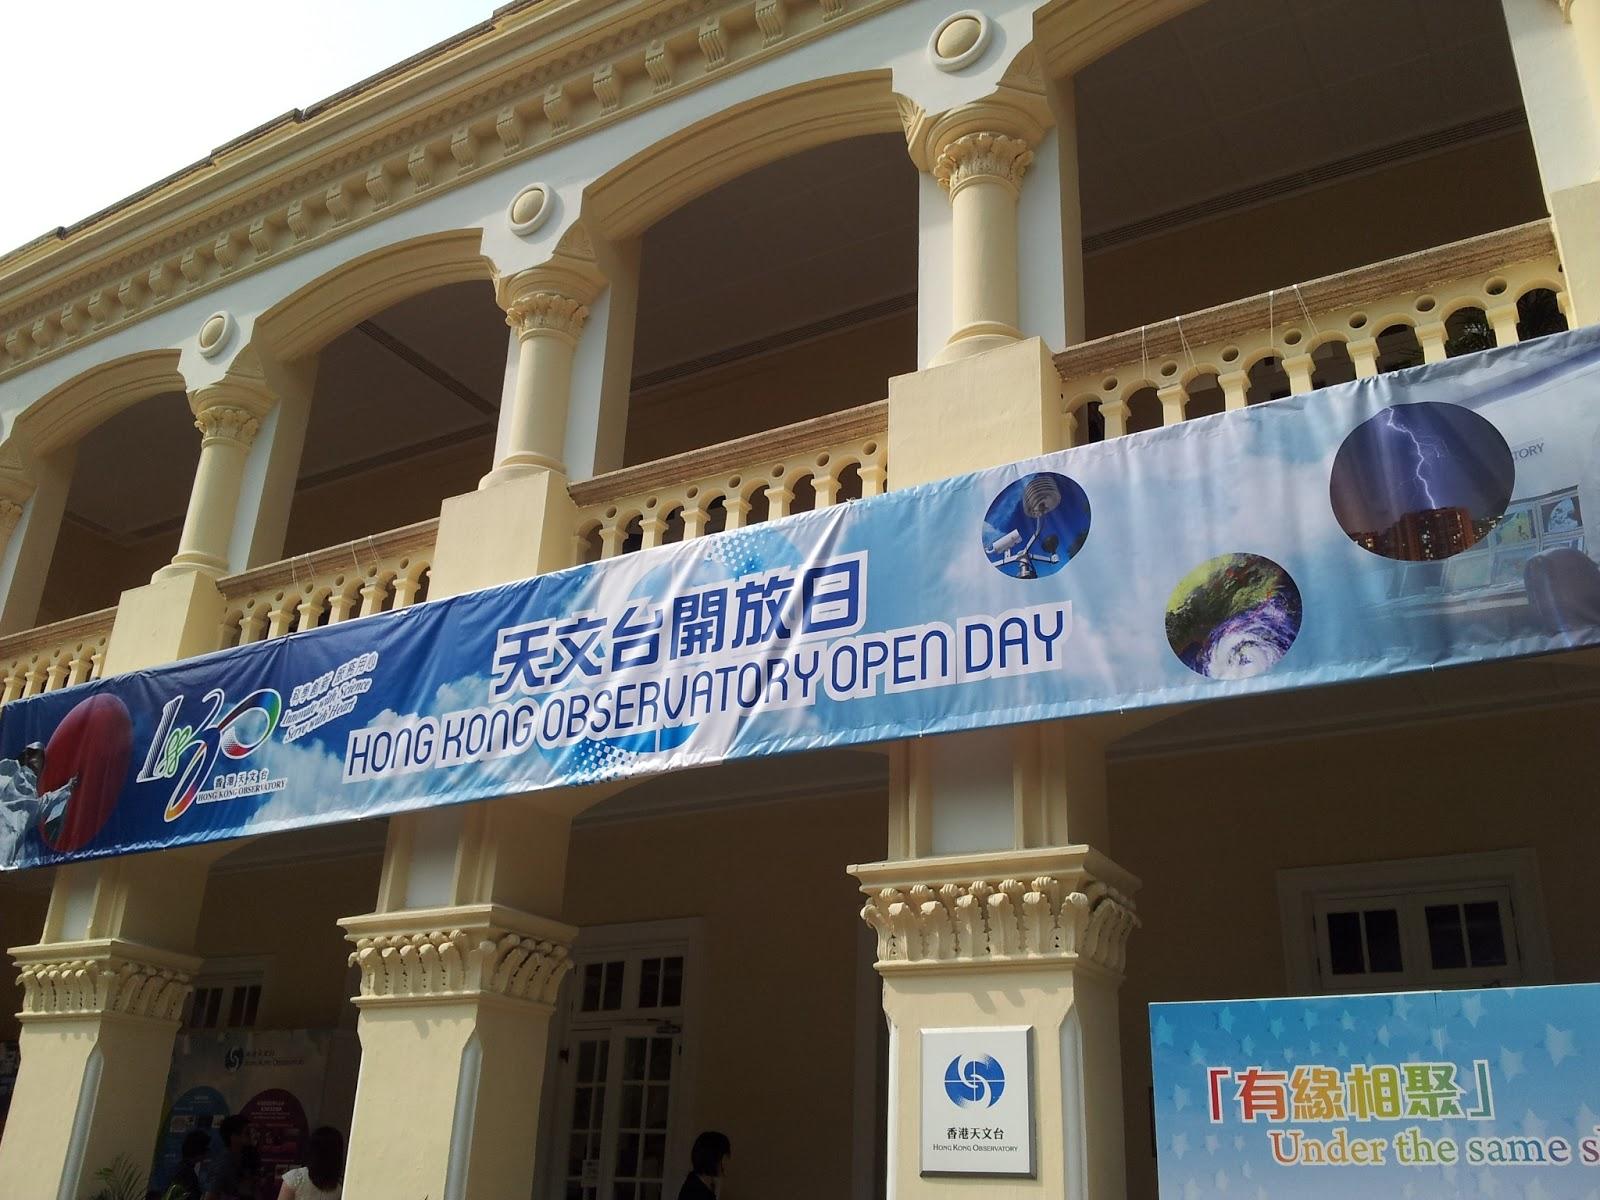 Lawrence 的美好回憶: 美景回憶:香港天文臺開放日2013